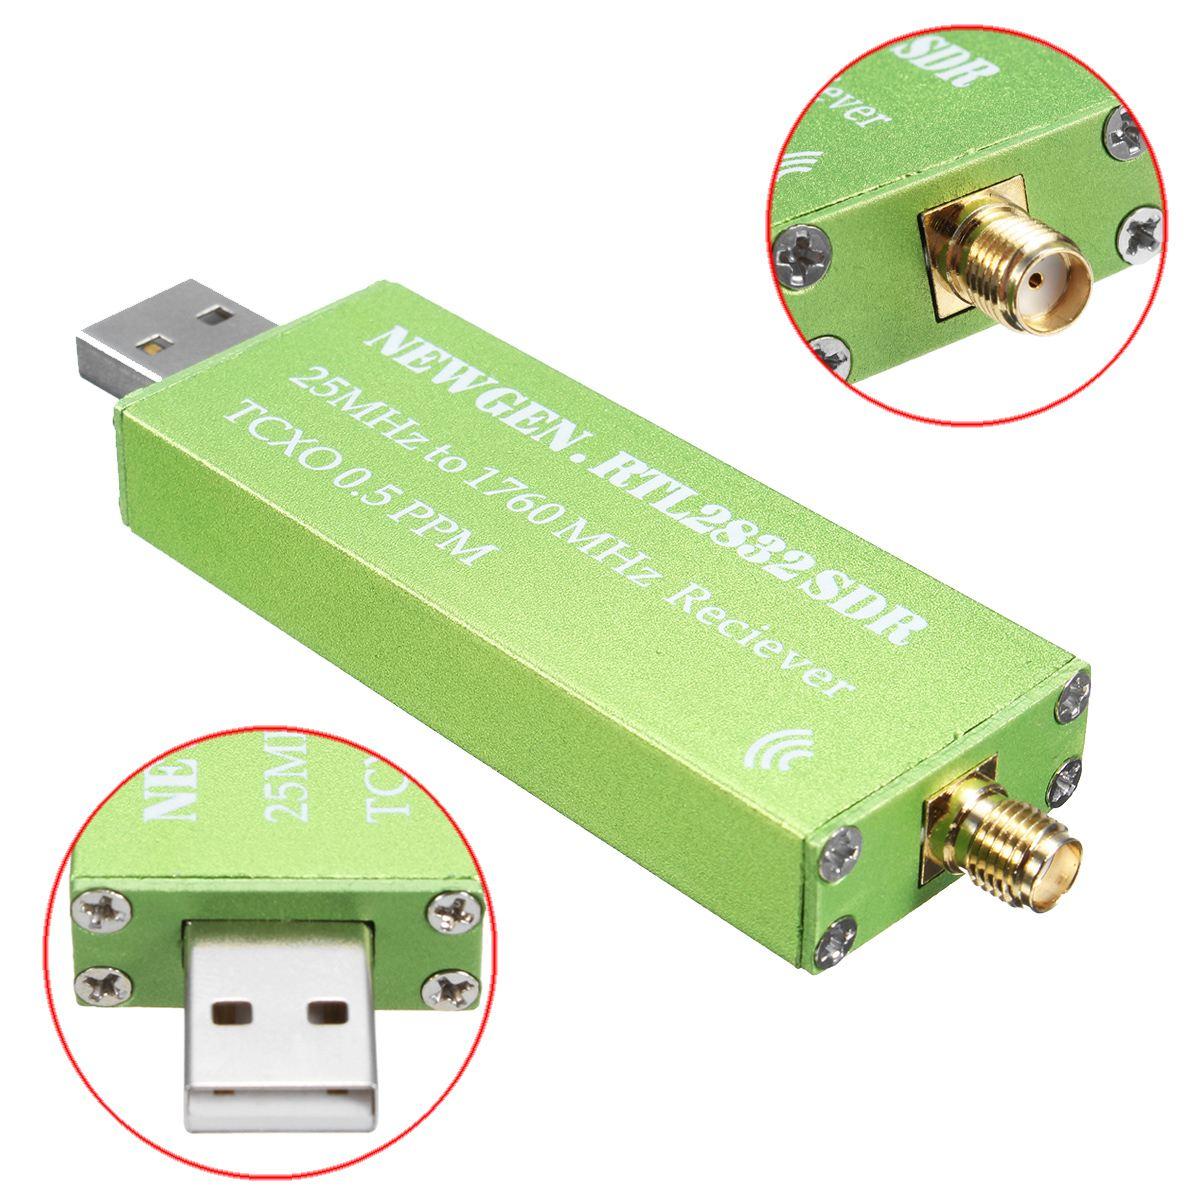 2018 New Generation 25MHZ to 1760MHZ RTL SDR Receiver Support AM/NFM/FM/DSB/USB/L RTL2382U Mini Wireless Current Receiver